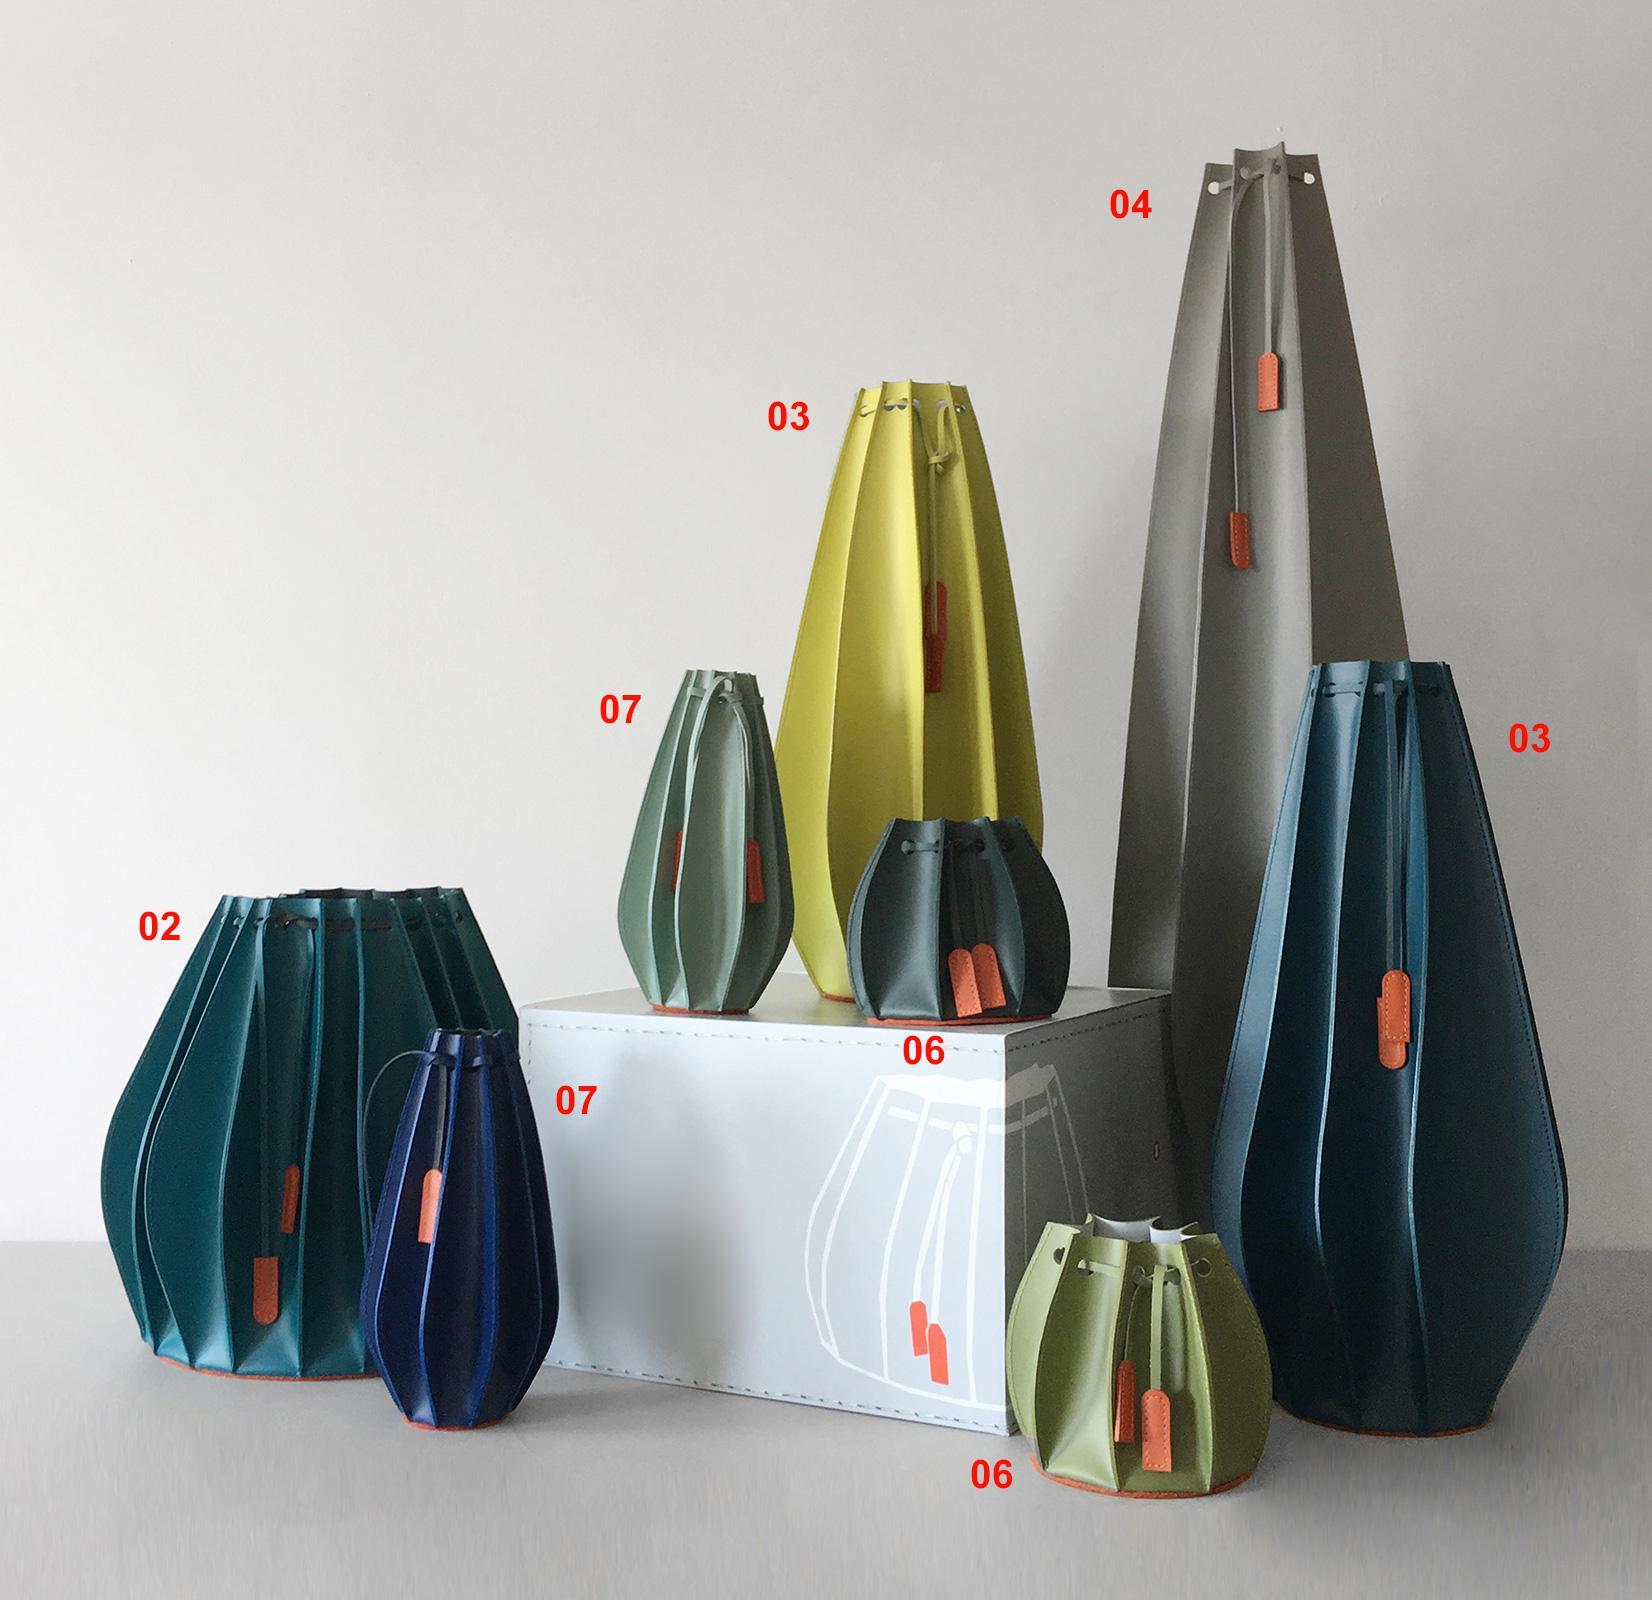 Vase en cuir made in italy. Objet décoratif, décoration maison et bureau. Vide poche. Design Gian Paolo Venier. Achat en ligne. Livraison à domicile.